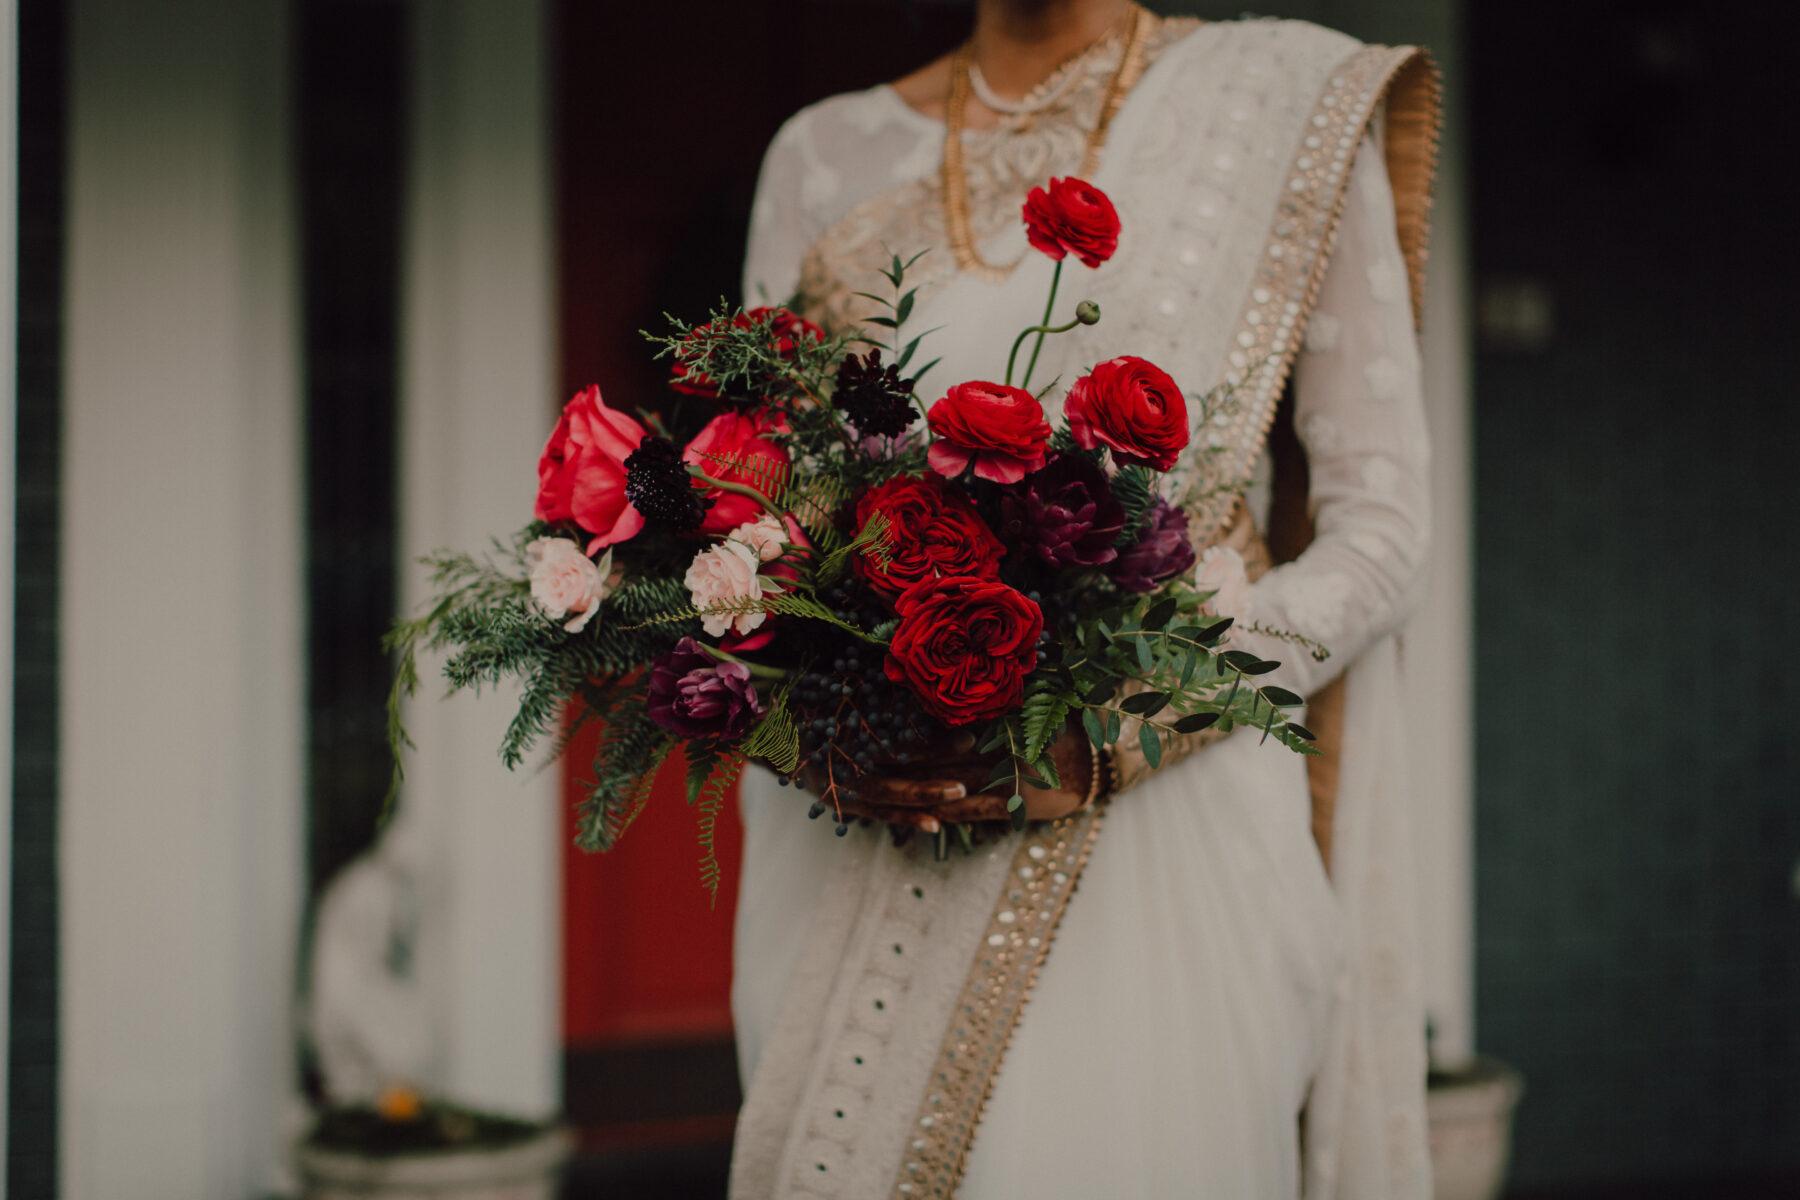 Red winter wedding bouquet | Nashville Bride Guide